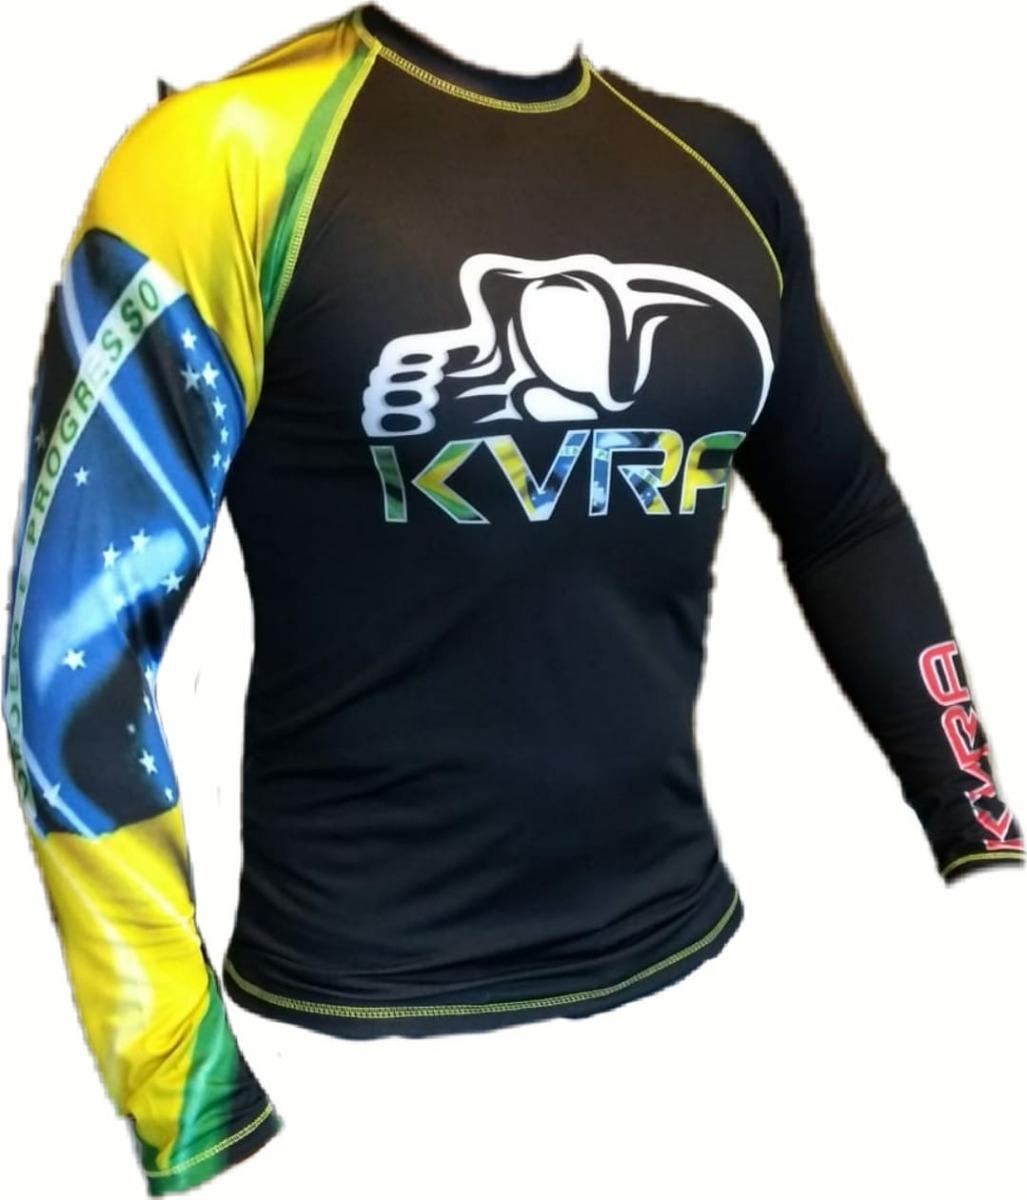 Camiseta Kvra Lycras De Compressão Segunda Pele P m g gg - R  58 2a43dc7f035e1